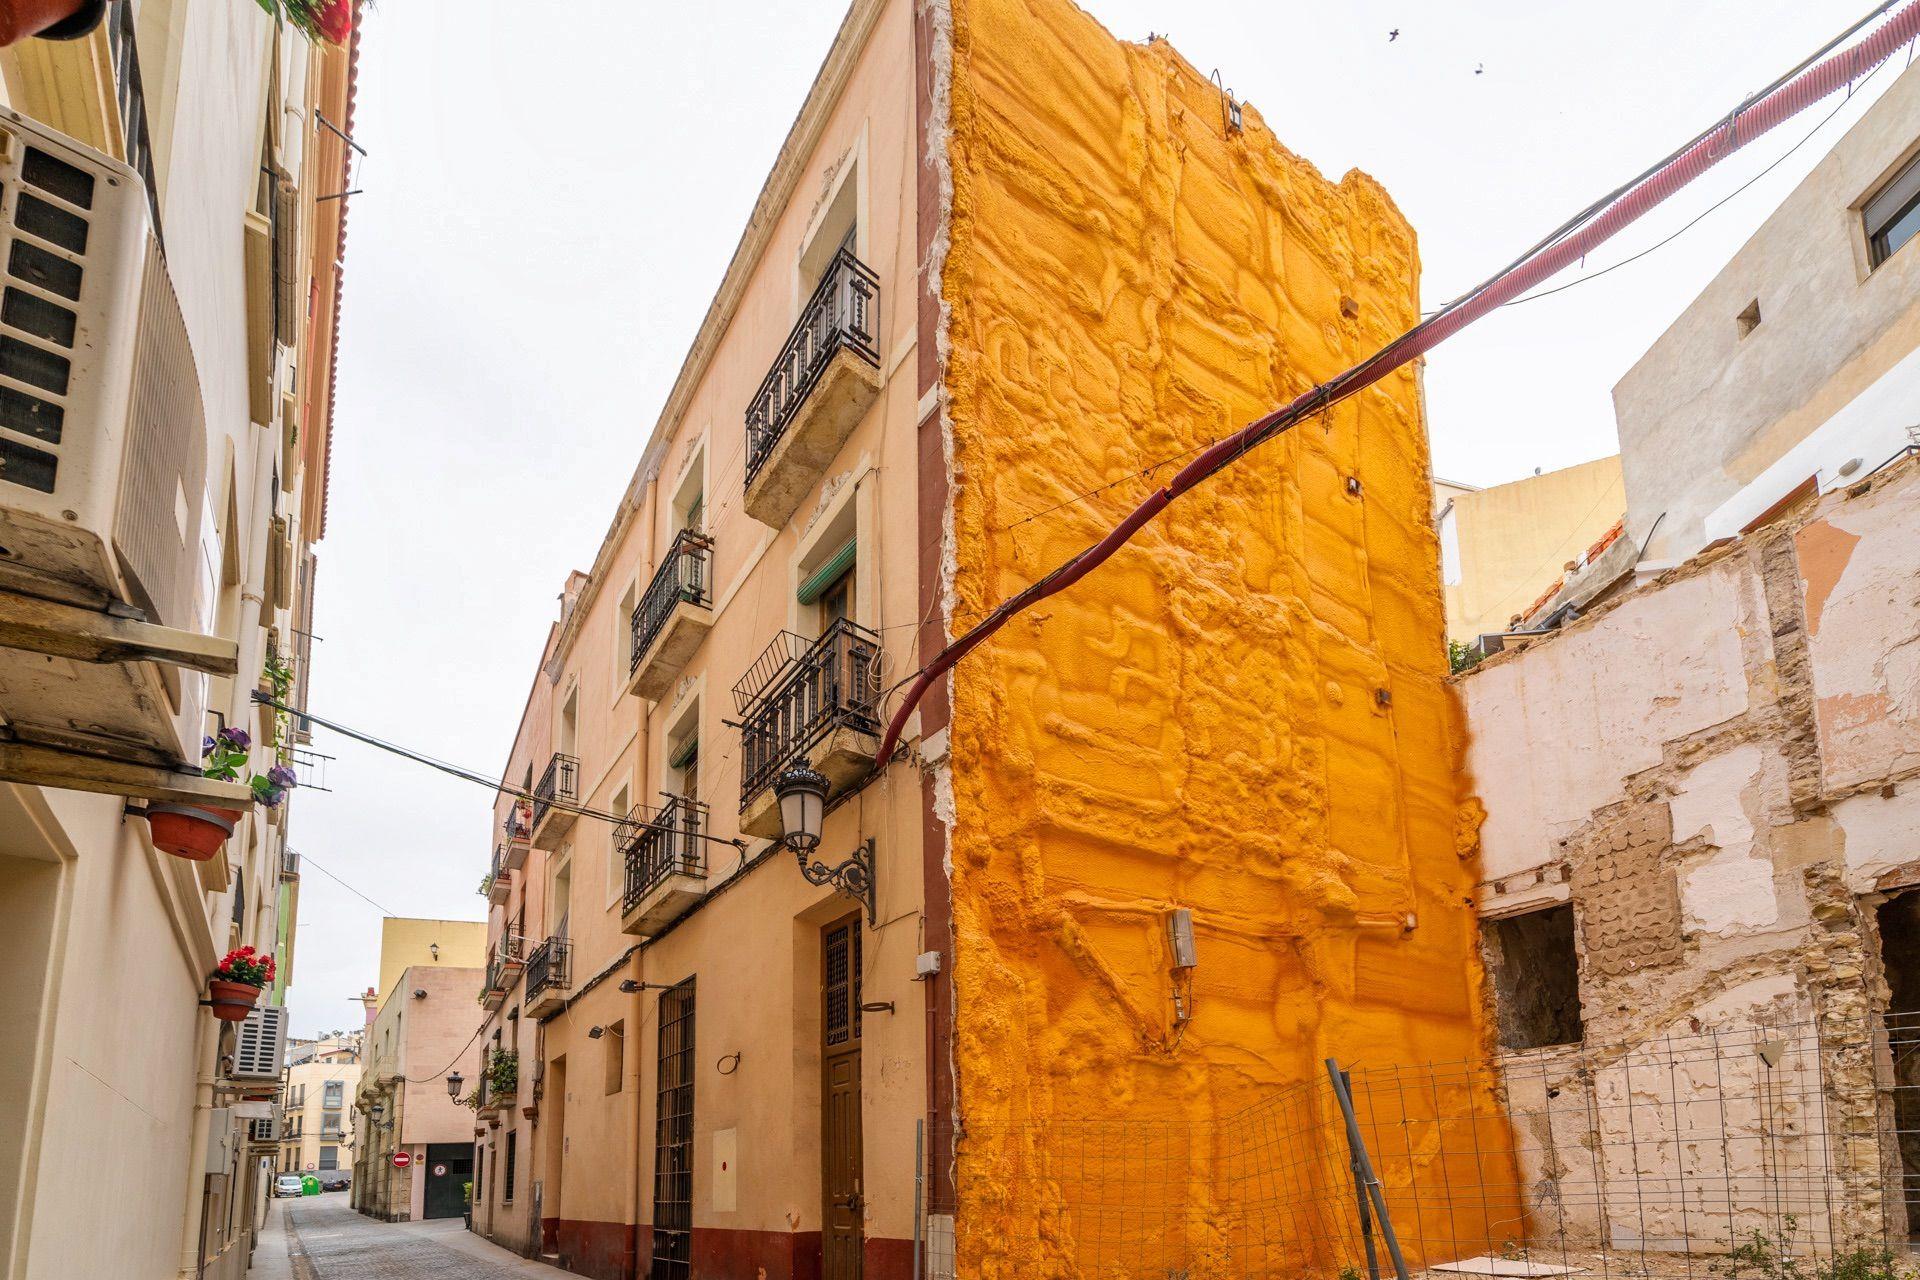 Buildings in Alicante, SANTA CRUZ, for sale